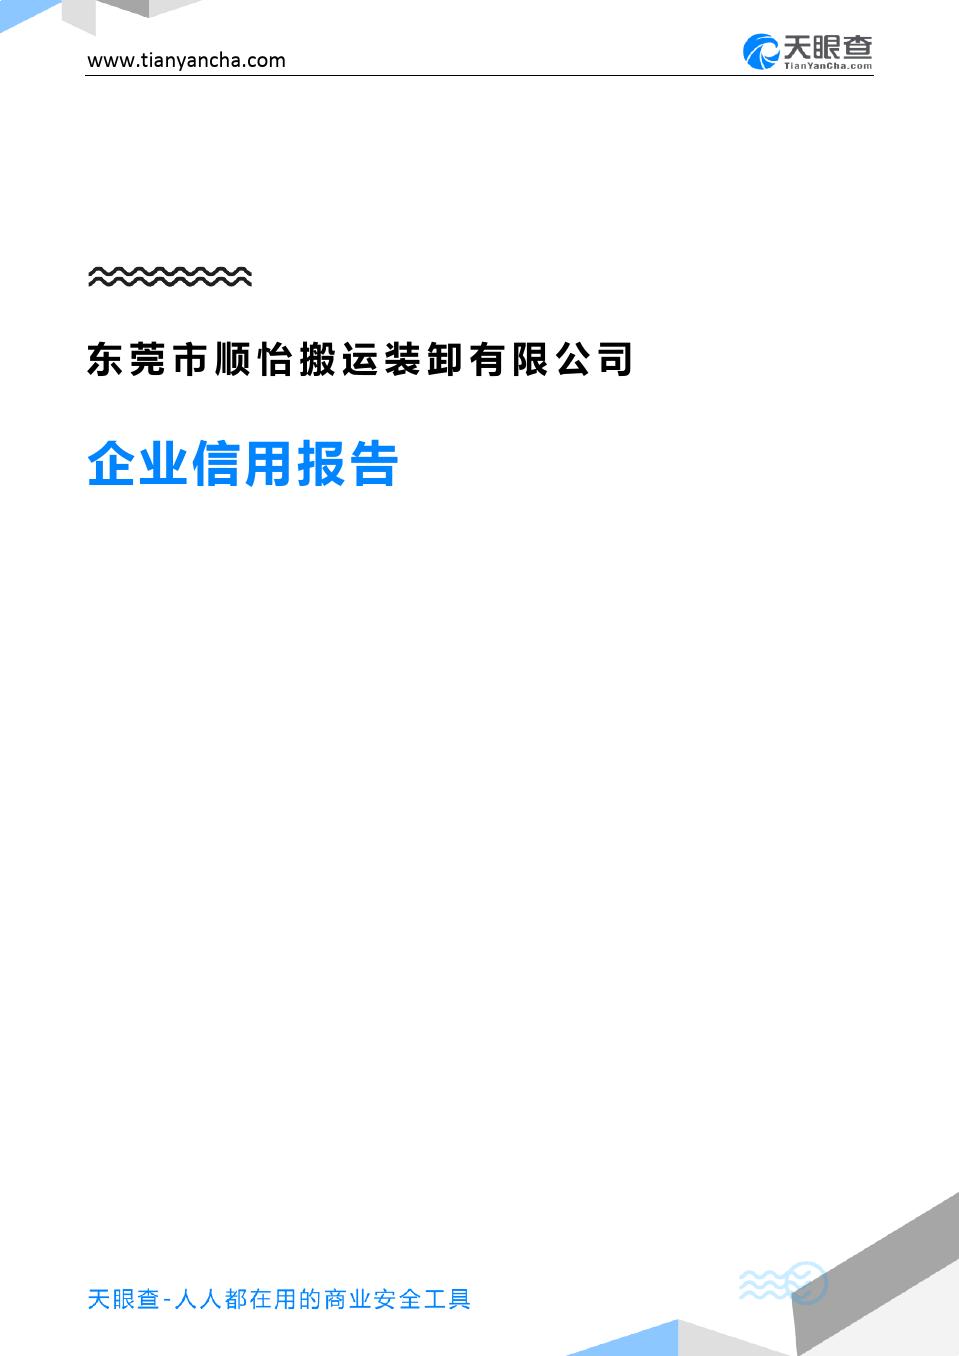 东莞市顺怡搬运装卸有限公司(企业信用报告)- 天眼查